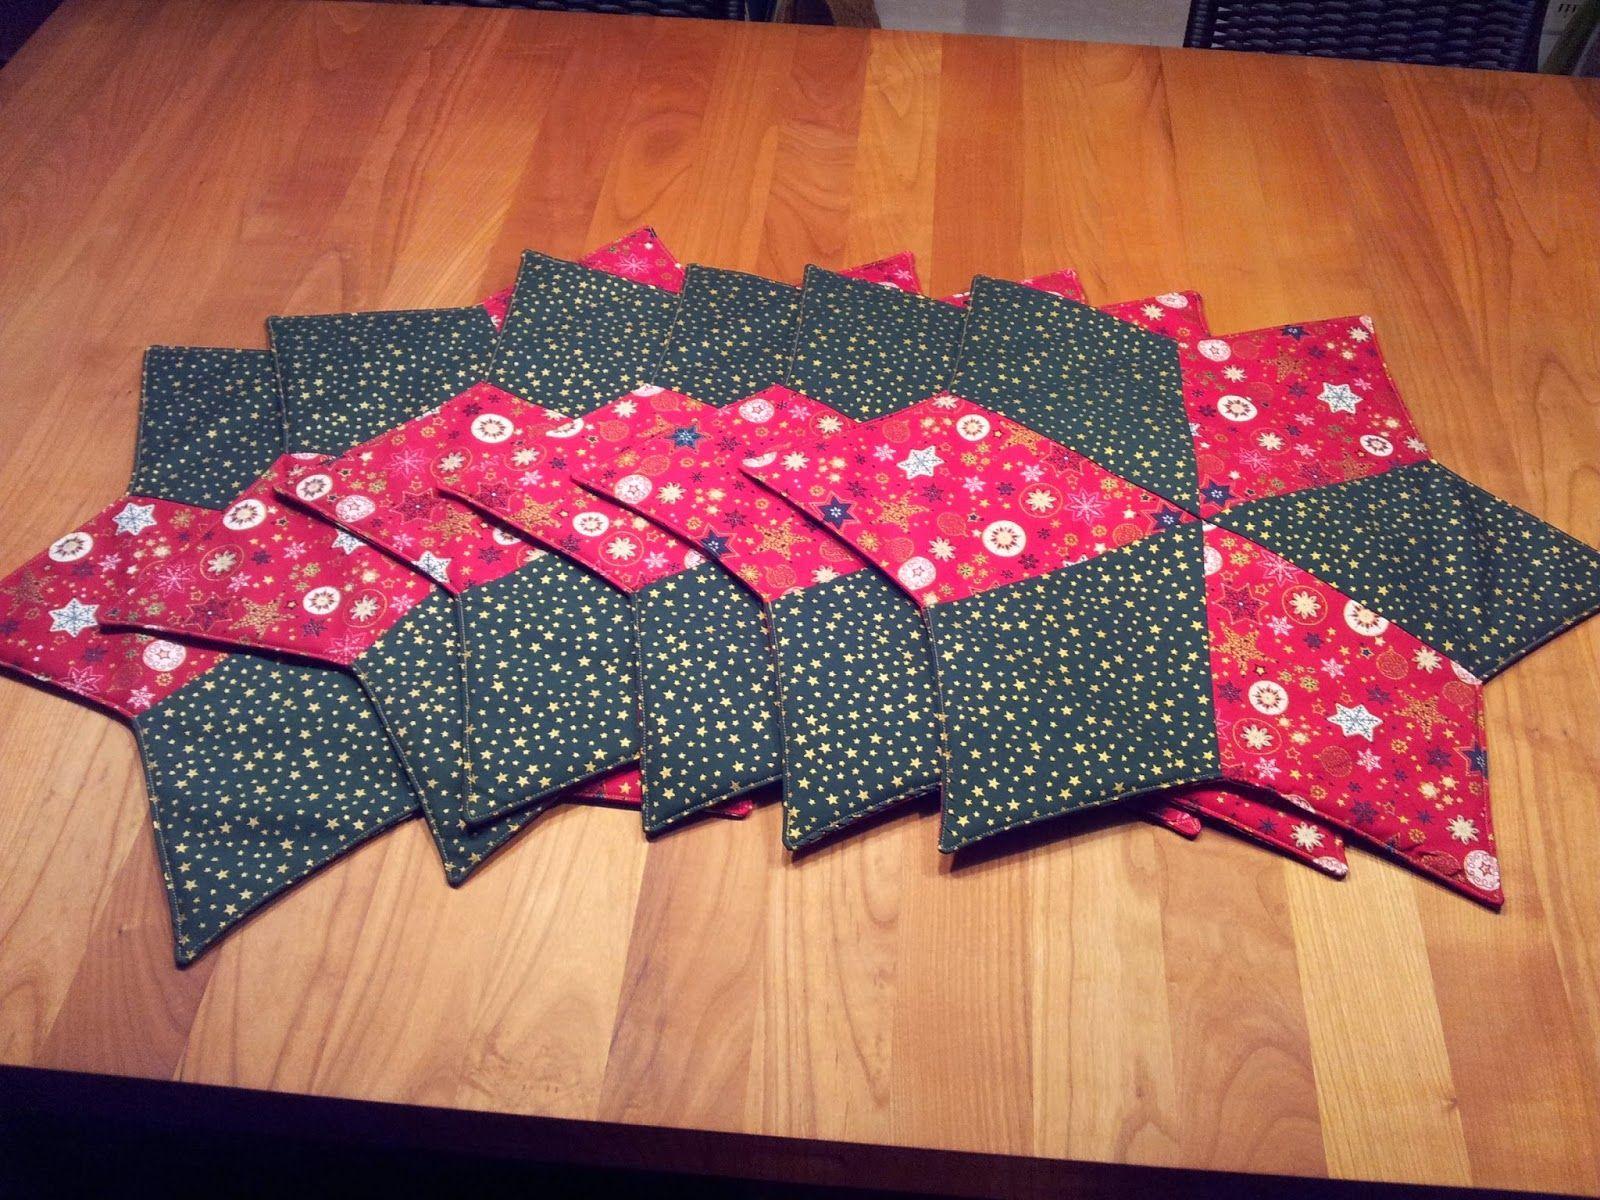 tischset stern patchwork anleitung fotoanleitung tutorial weihnachten weihnachtliche tischsets. Black Bedroom Furniture Sets. Home Design Ideas